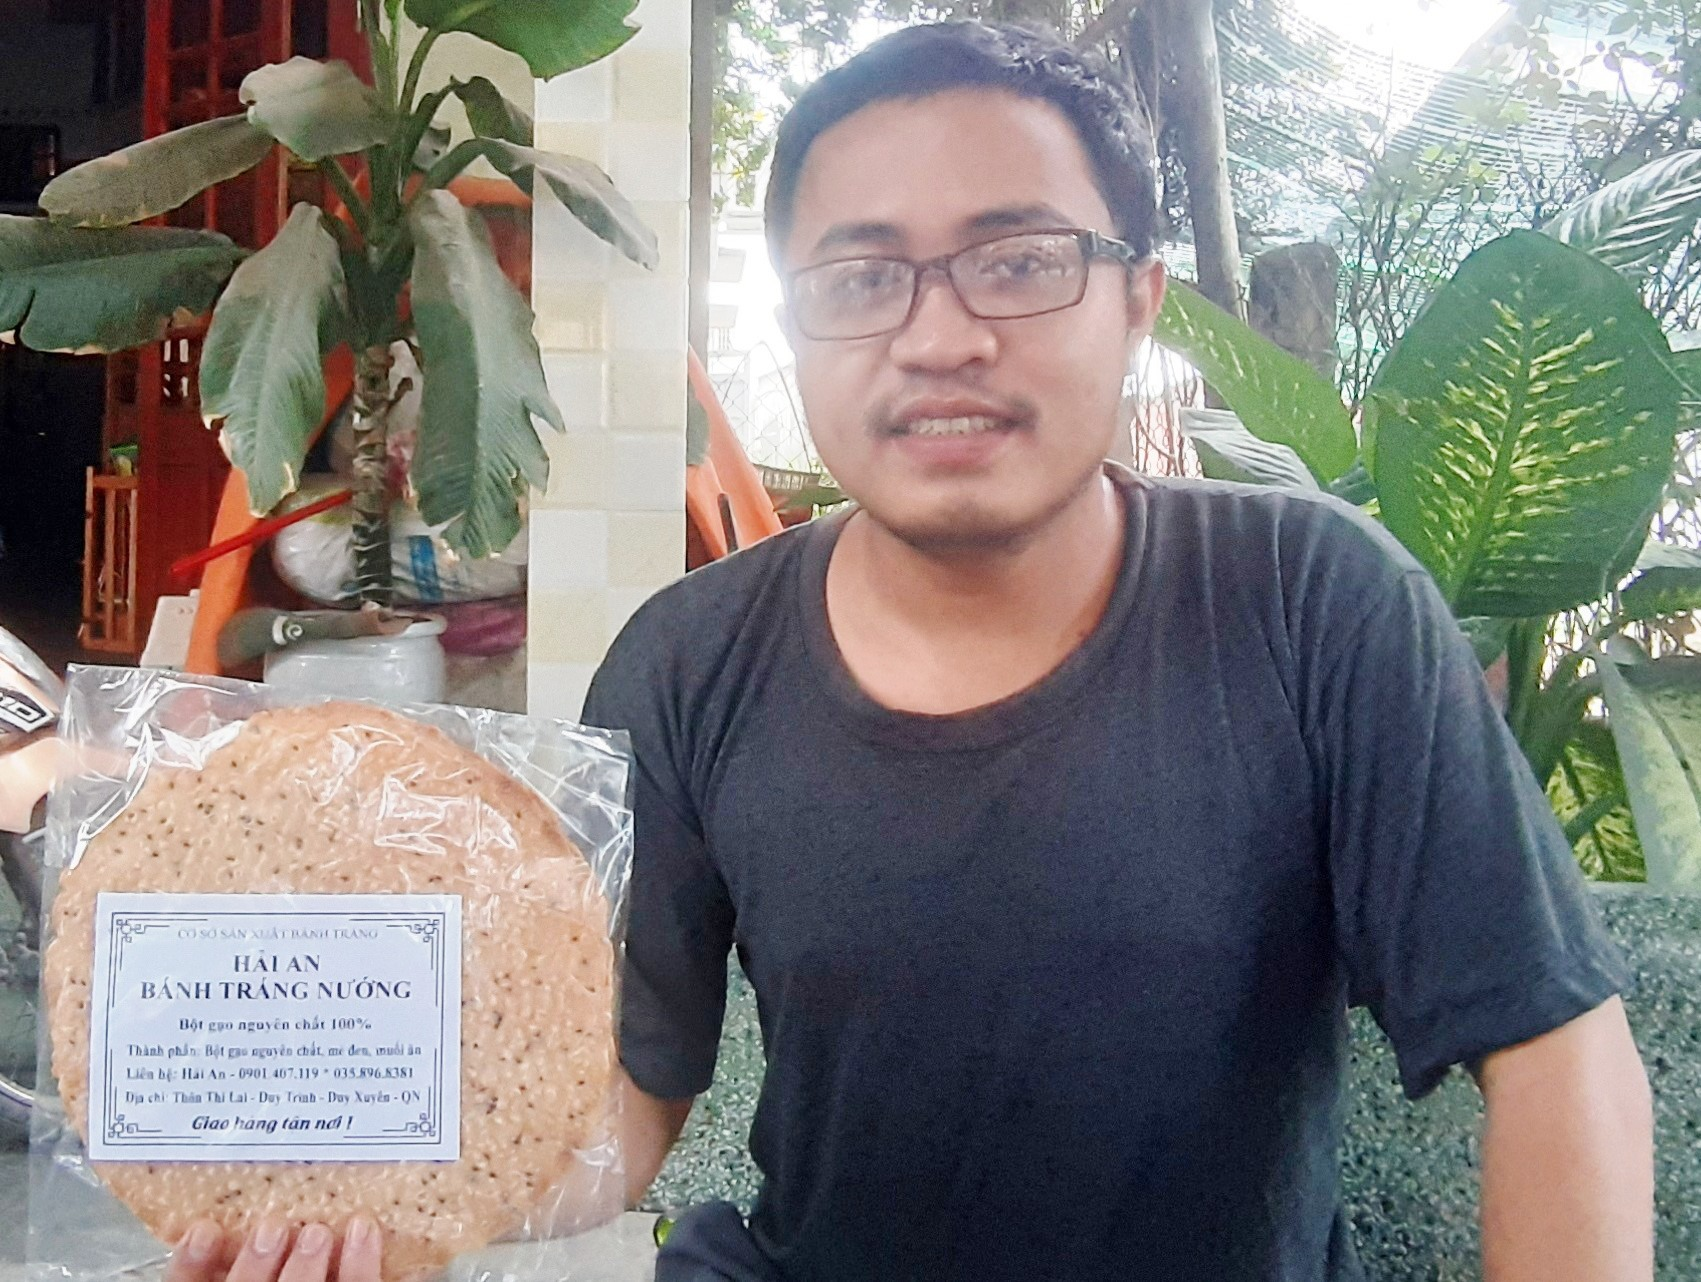 Bánh tráng nướng Hải An. Ảnh: H.N